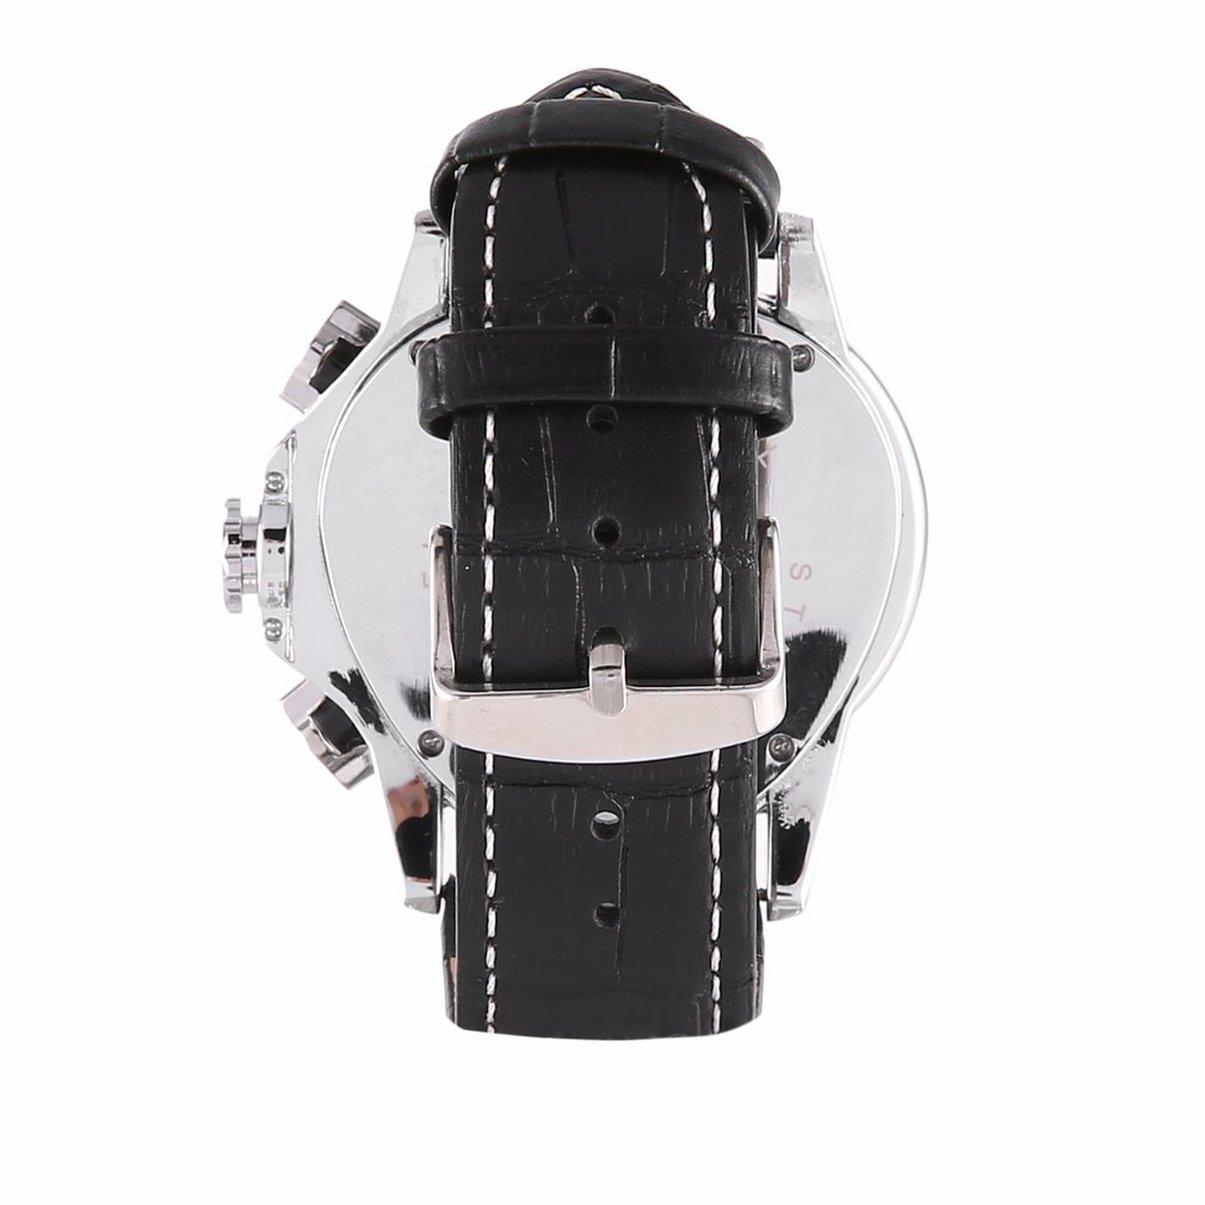 Jaragar hombres reloj de pulsera mecánico automático relojes de pulsera de cuero Triangular esfera negro relojes de negocios esqueleto relojes: Amazon.es: ...